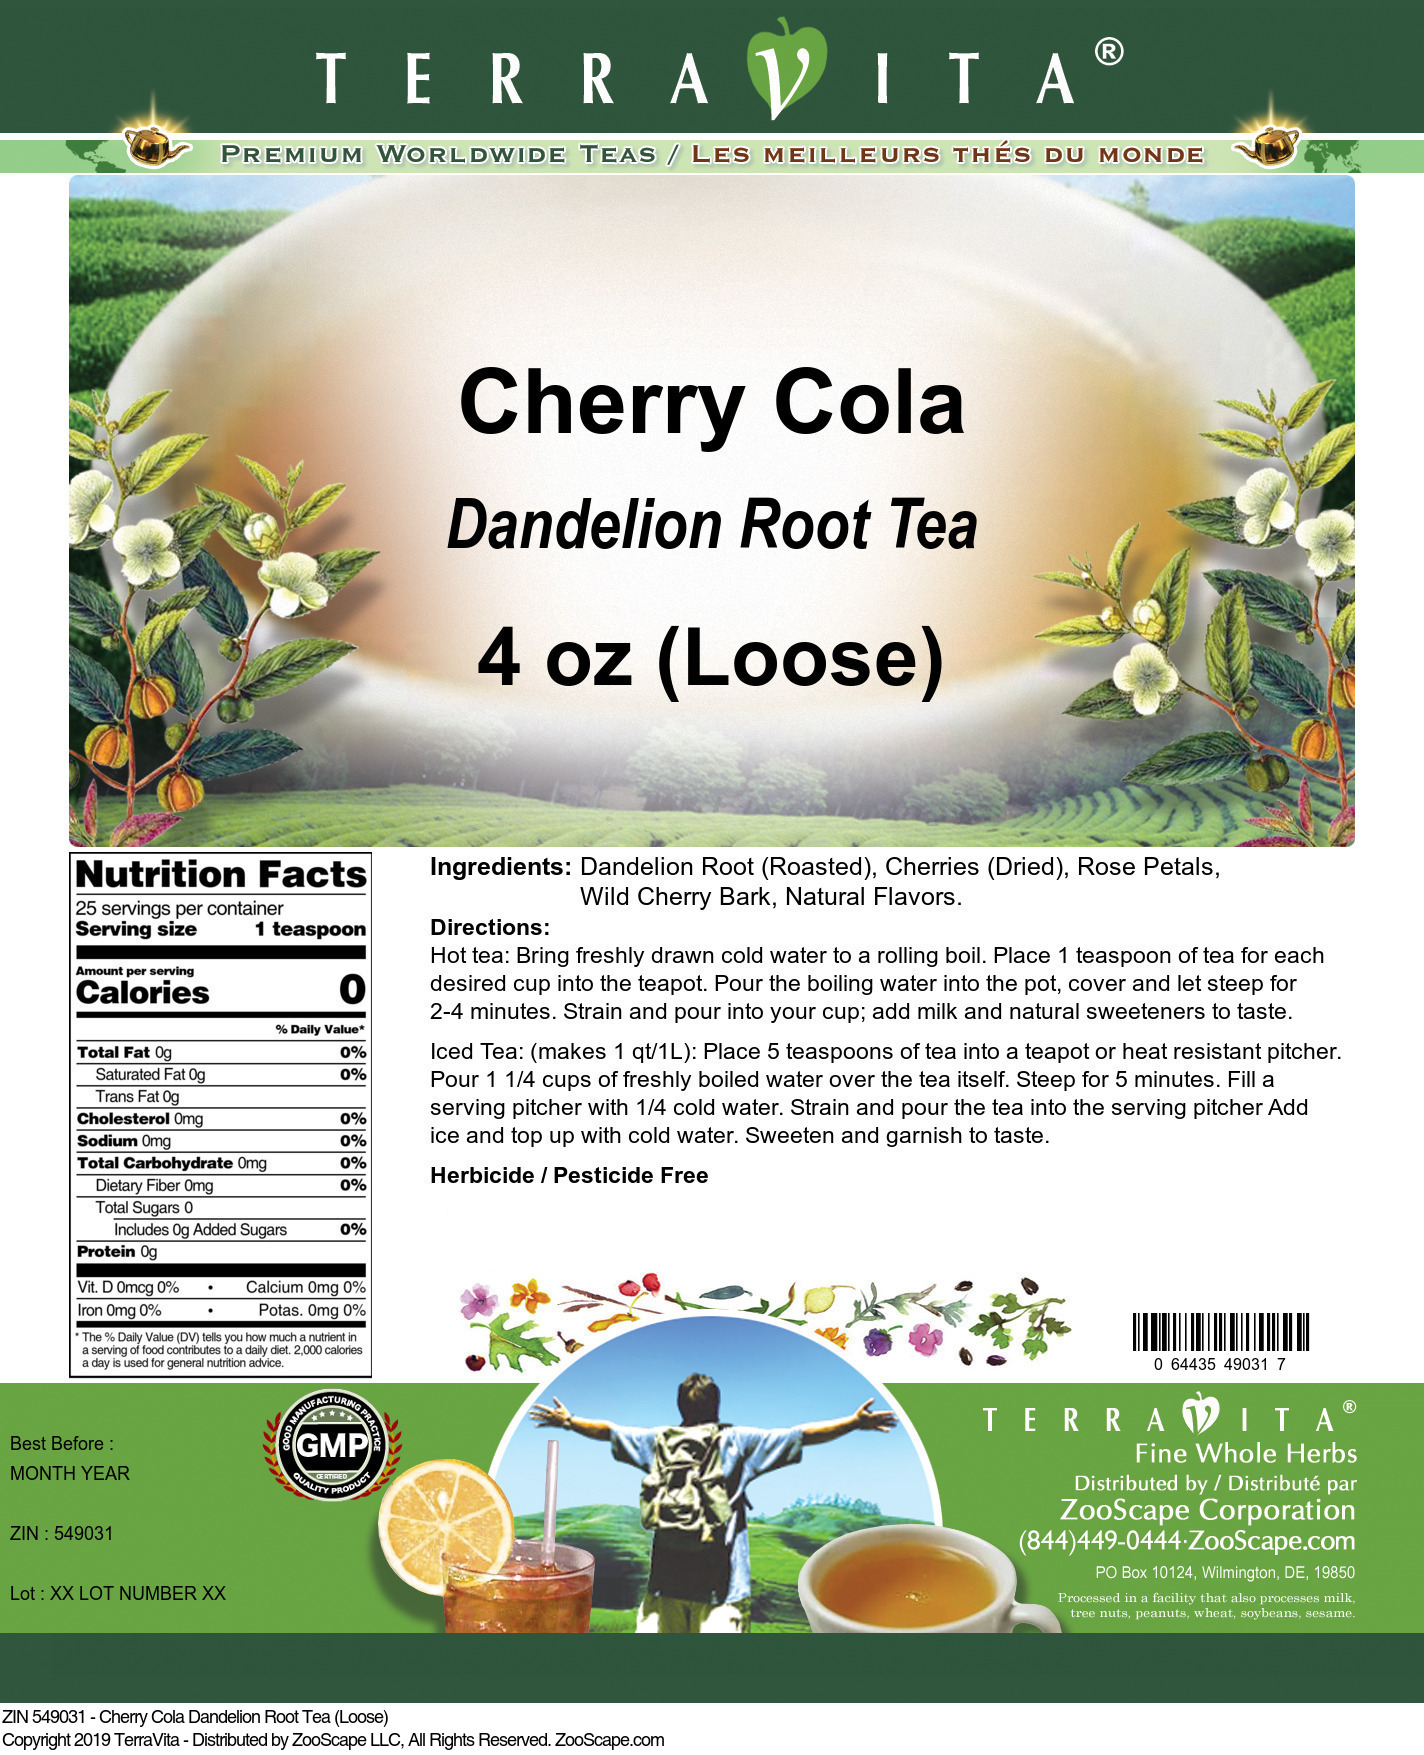 Cherry Cola Dandelion Root